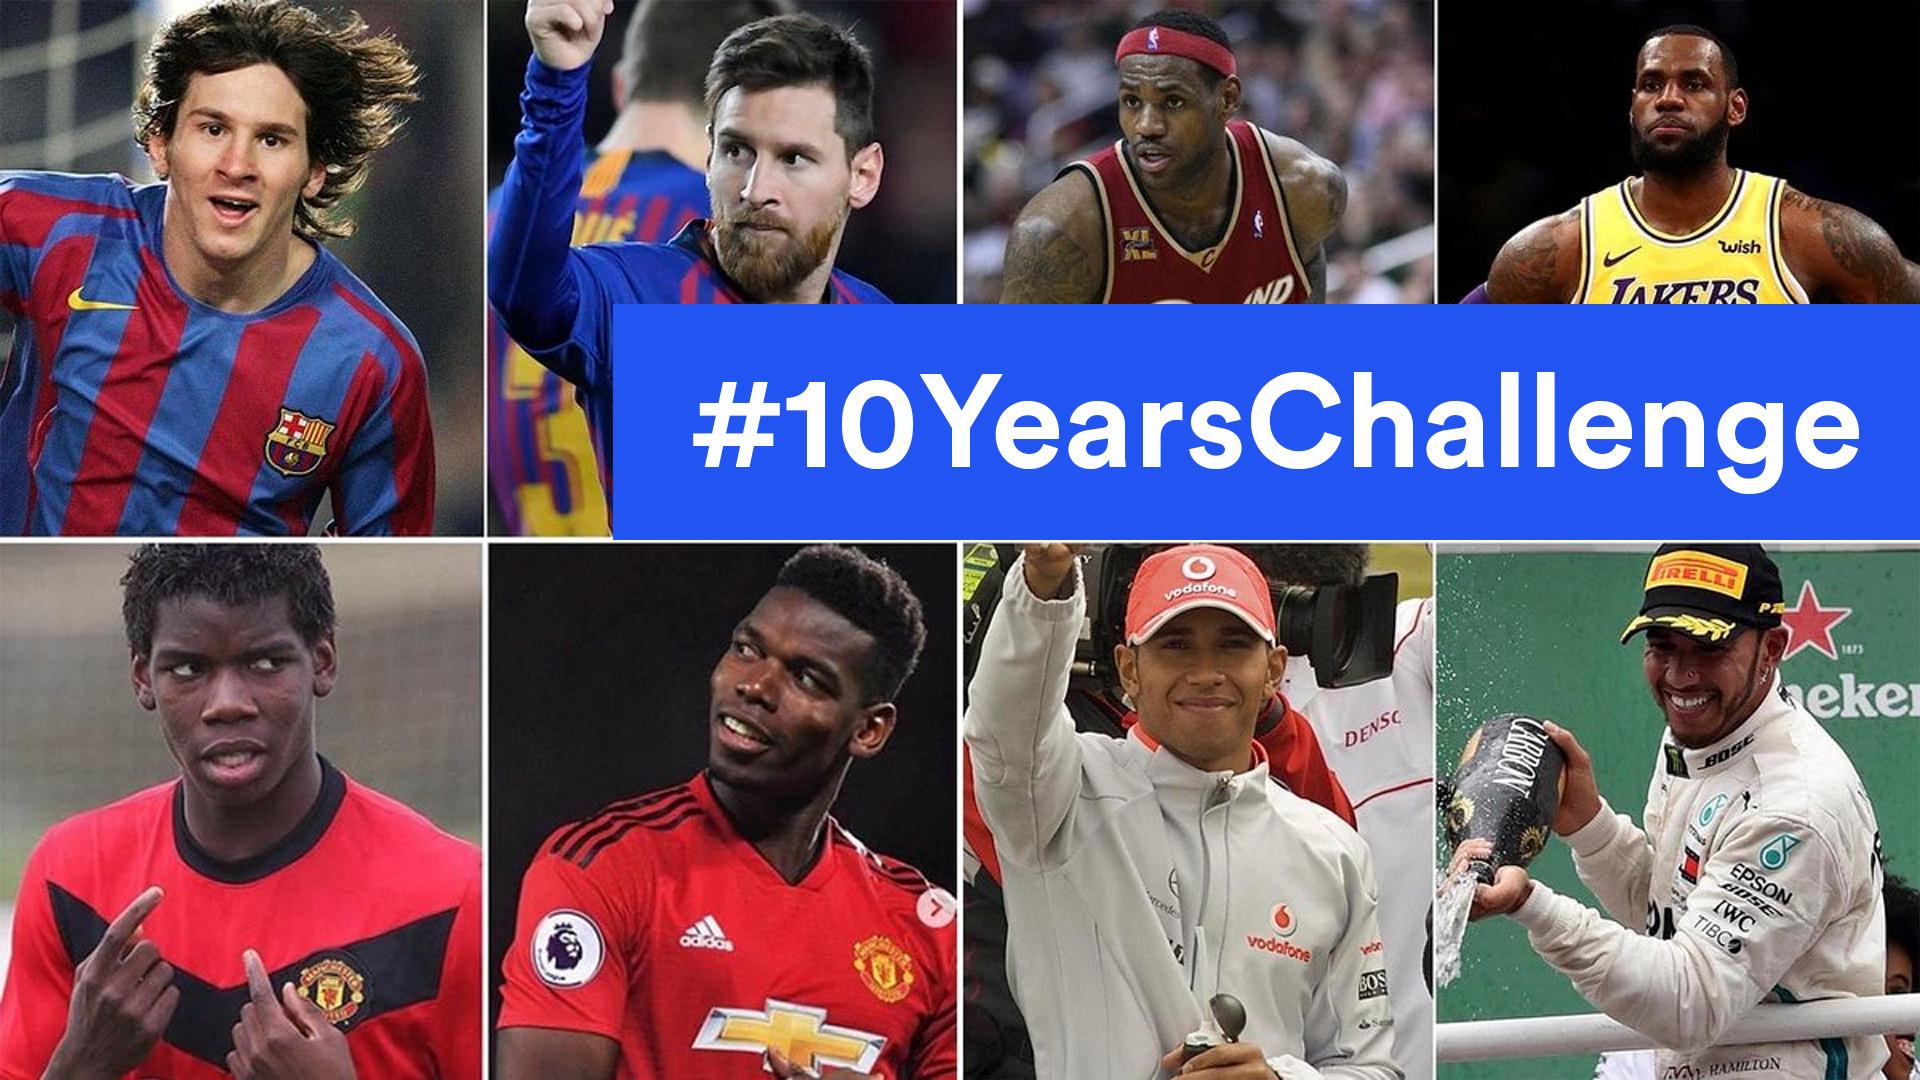 #10YearsChallenge: com'è iniziata e altre curiosità del social trend